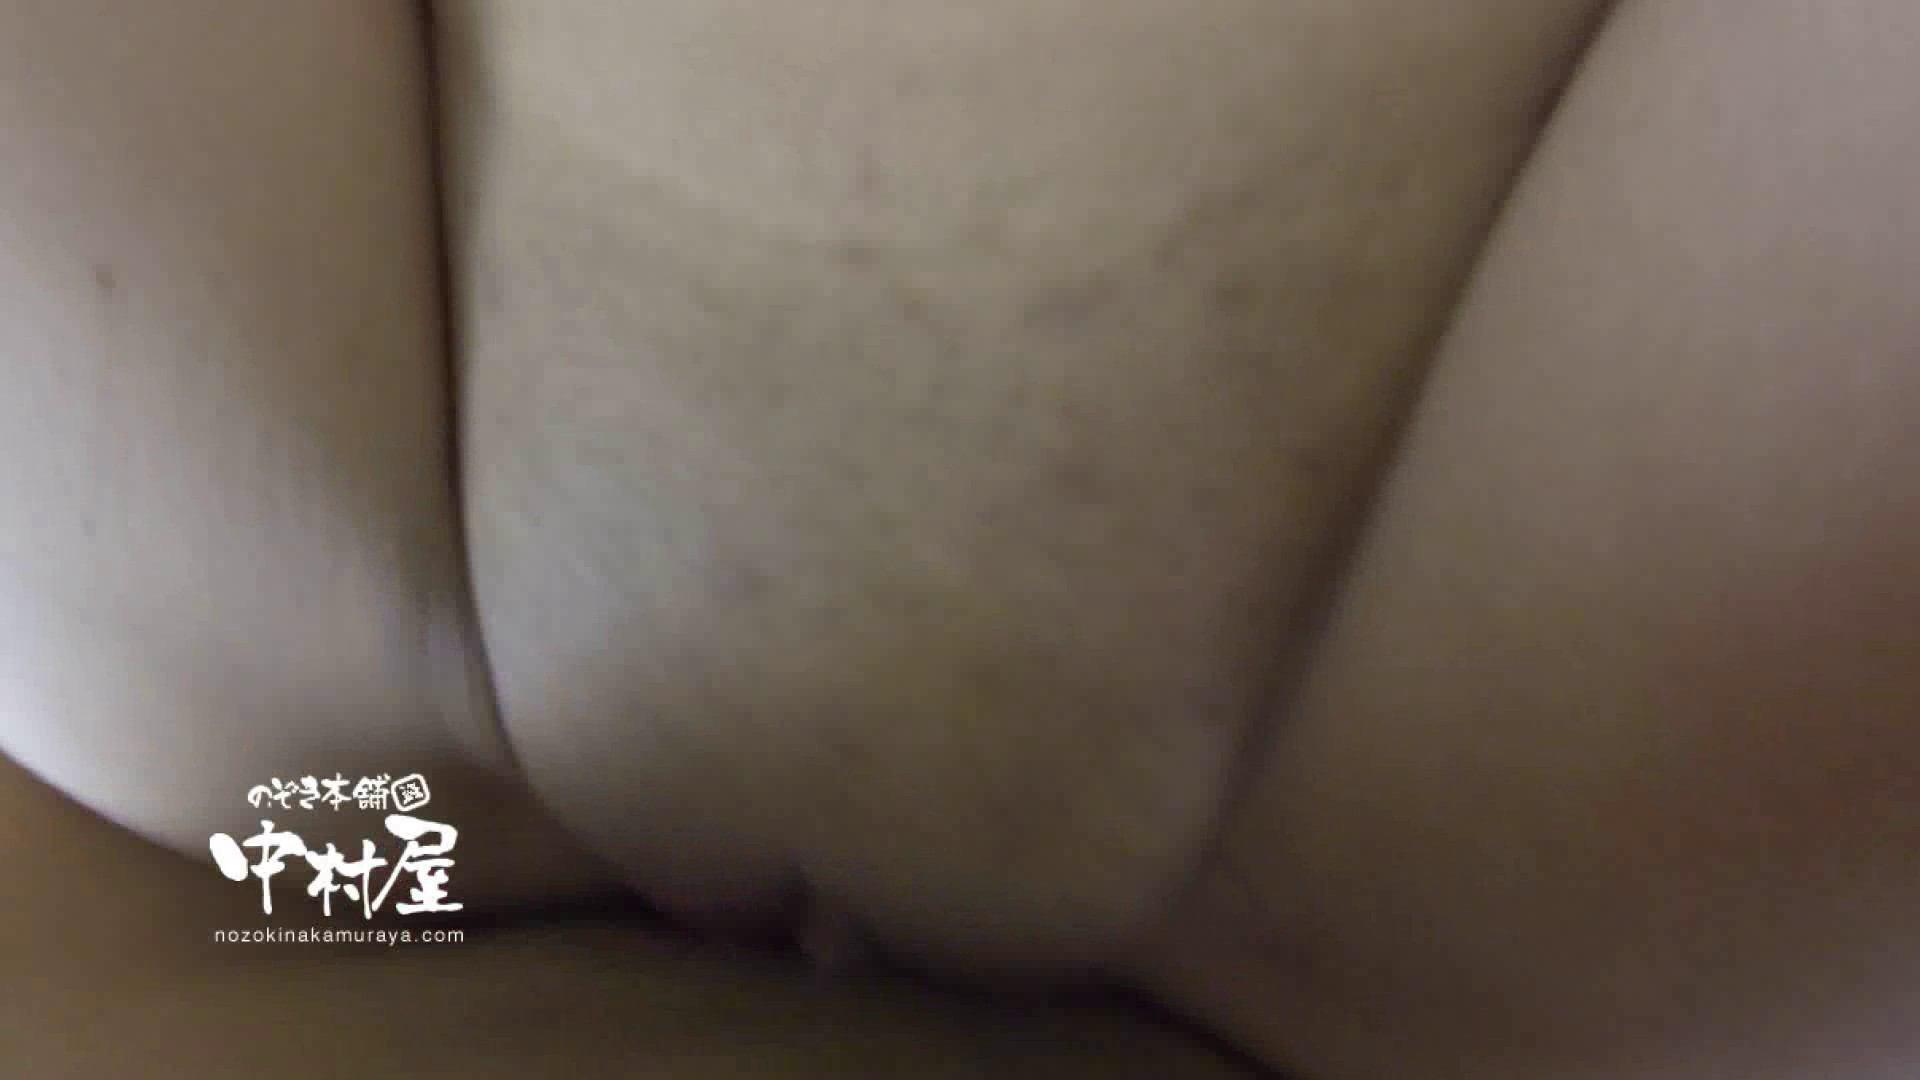 鬼畜 vol.07 パイパンだと?!中出ししてやる! 前編 中出し オメコ動画キャプチャ 78pic 14